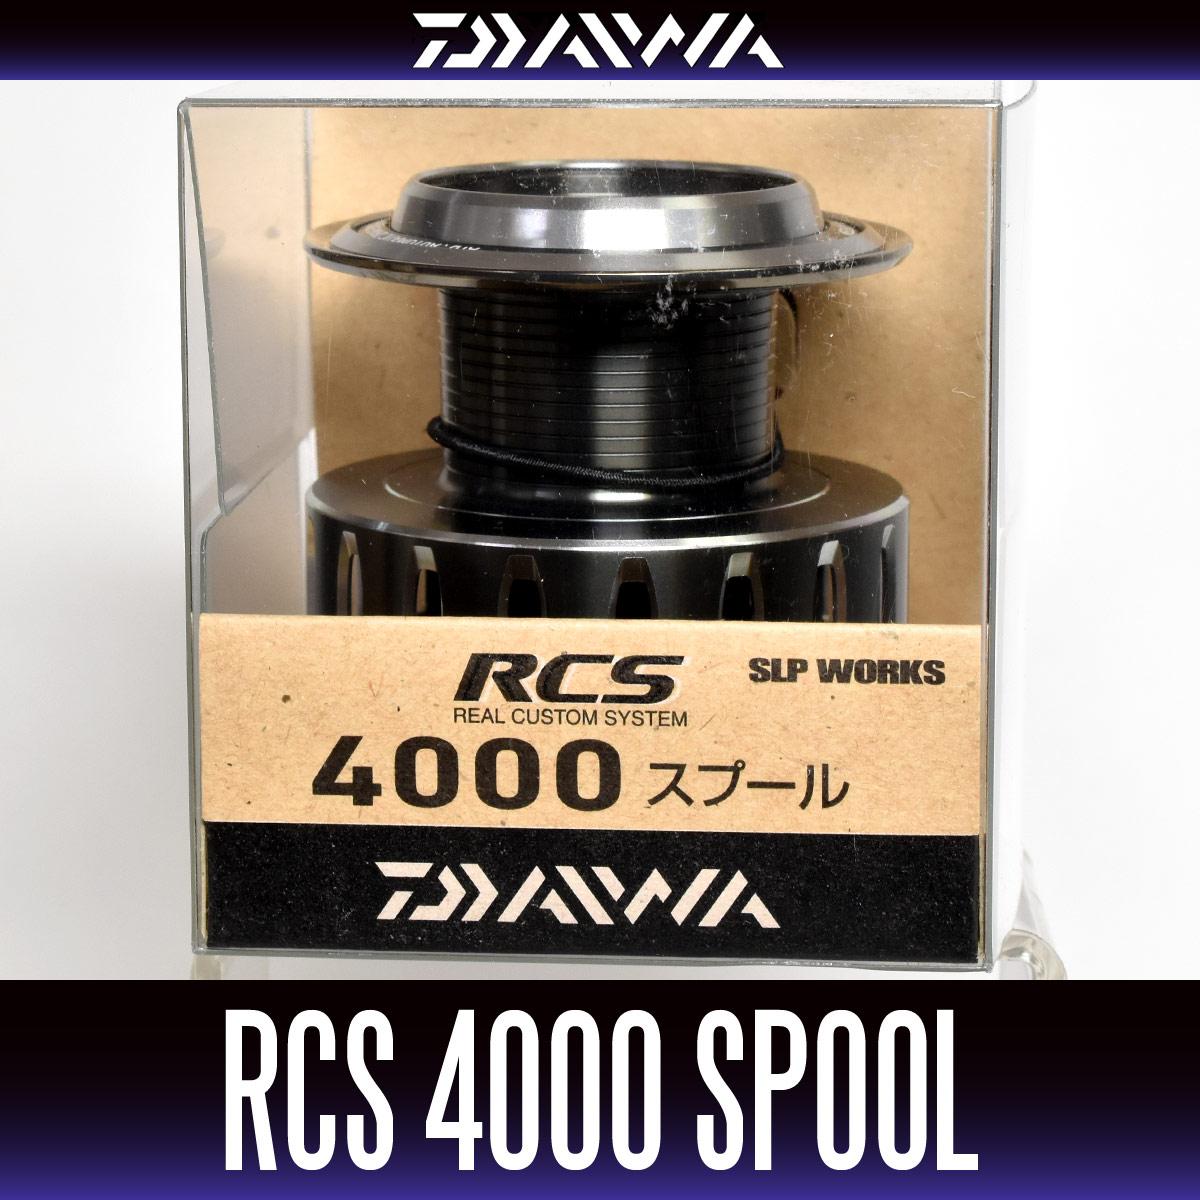 【ダイワ純正】 16RCS 4000スプール